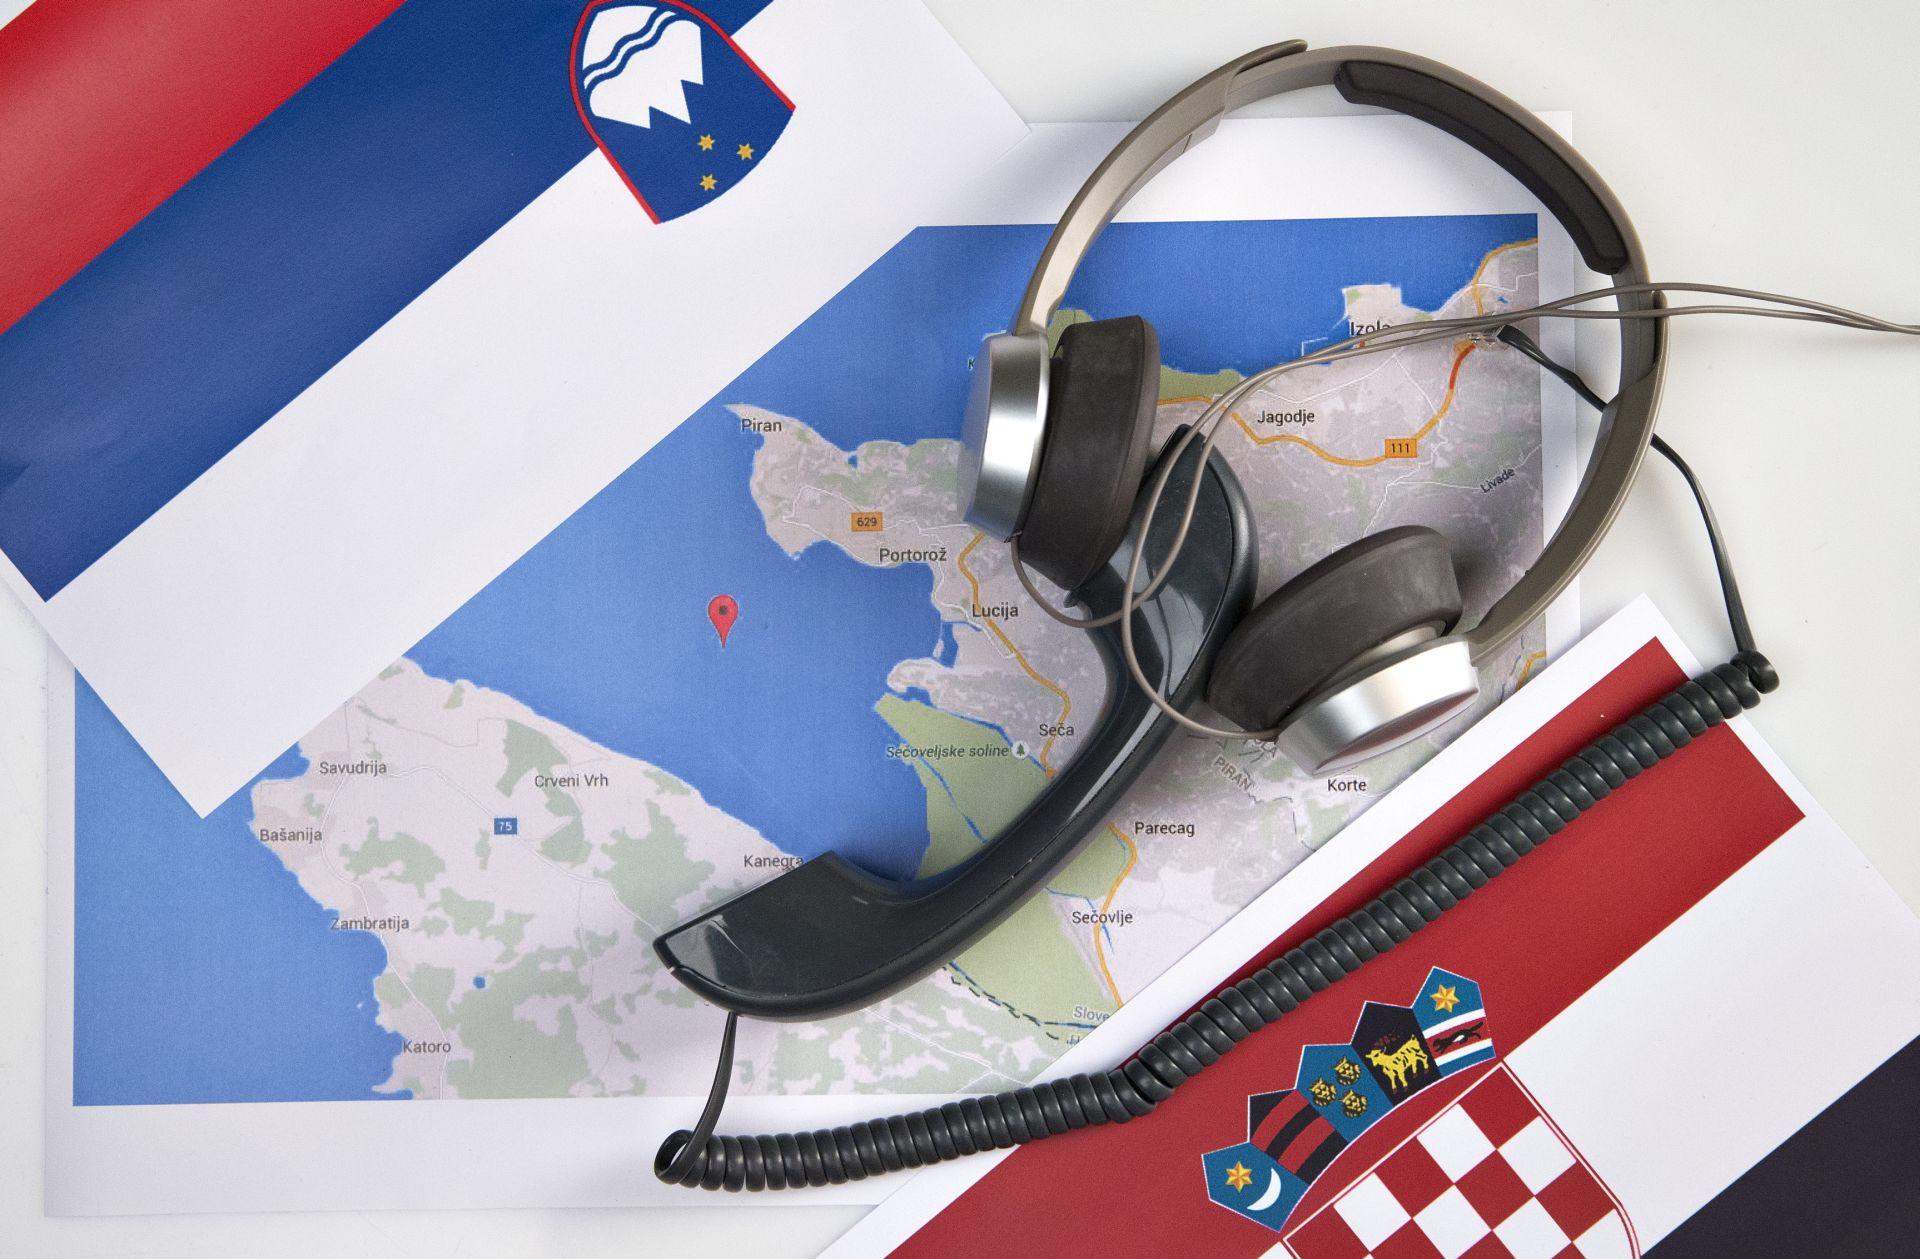 NAKON SKANDALA Hrvatska želi da se arbitražni sud sam raspusti